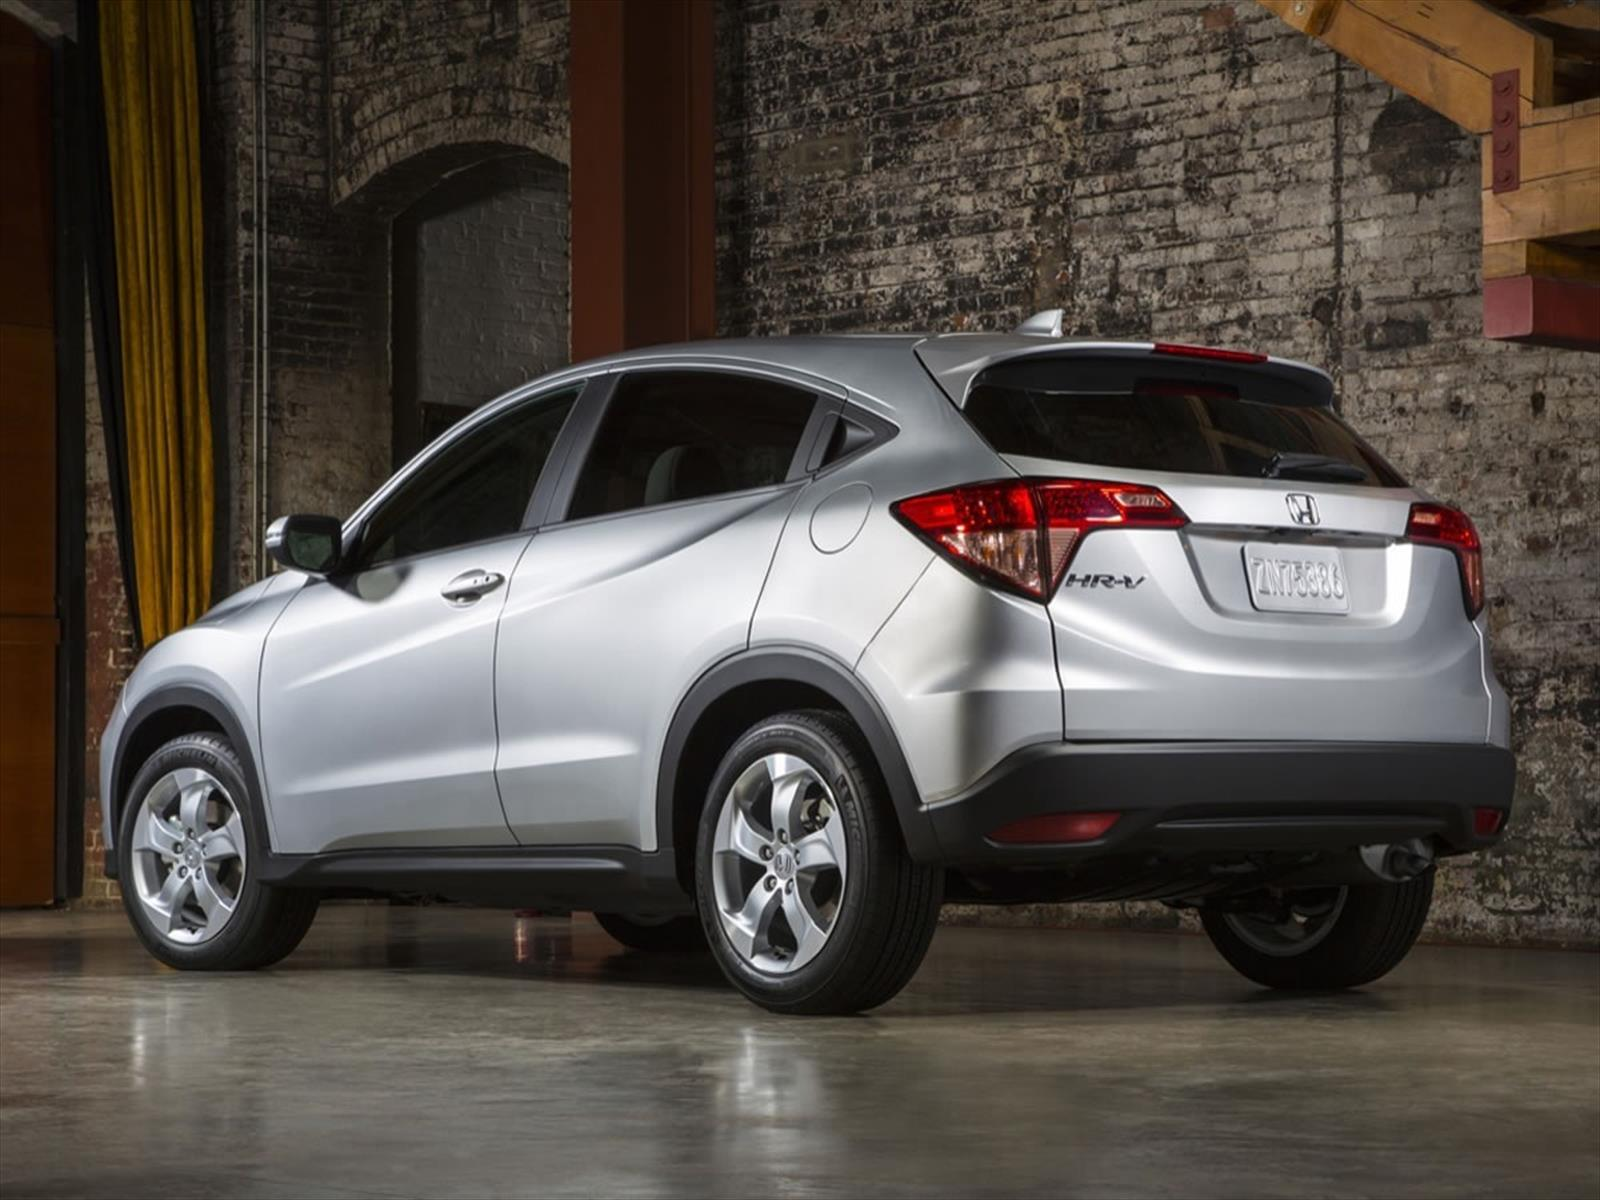 Used Honda Hrv >> Honda HR-V 2016 ofrece un consumo de 14.88 Km/l ...